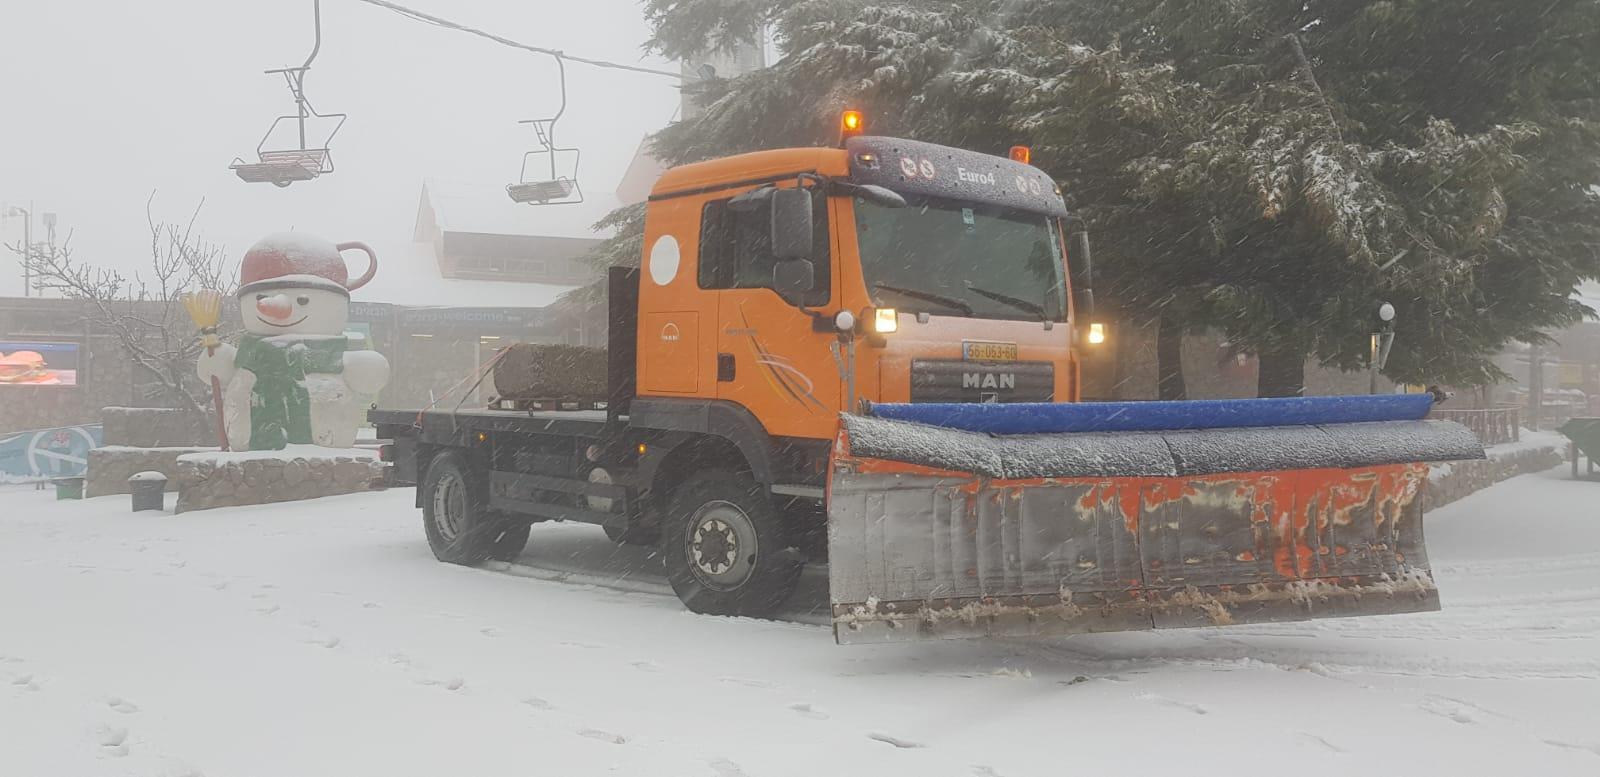 فيديو وصور: الثلوج تتساقط على جبل الشيخ في عز الربيع